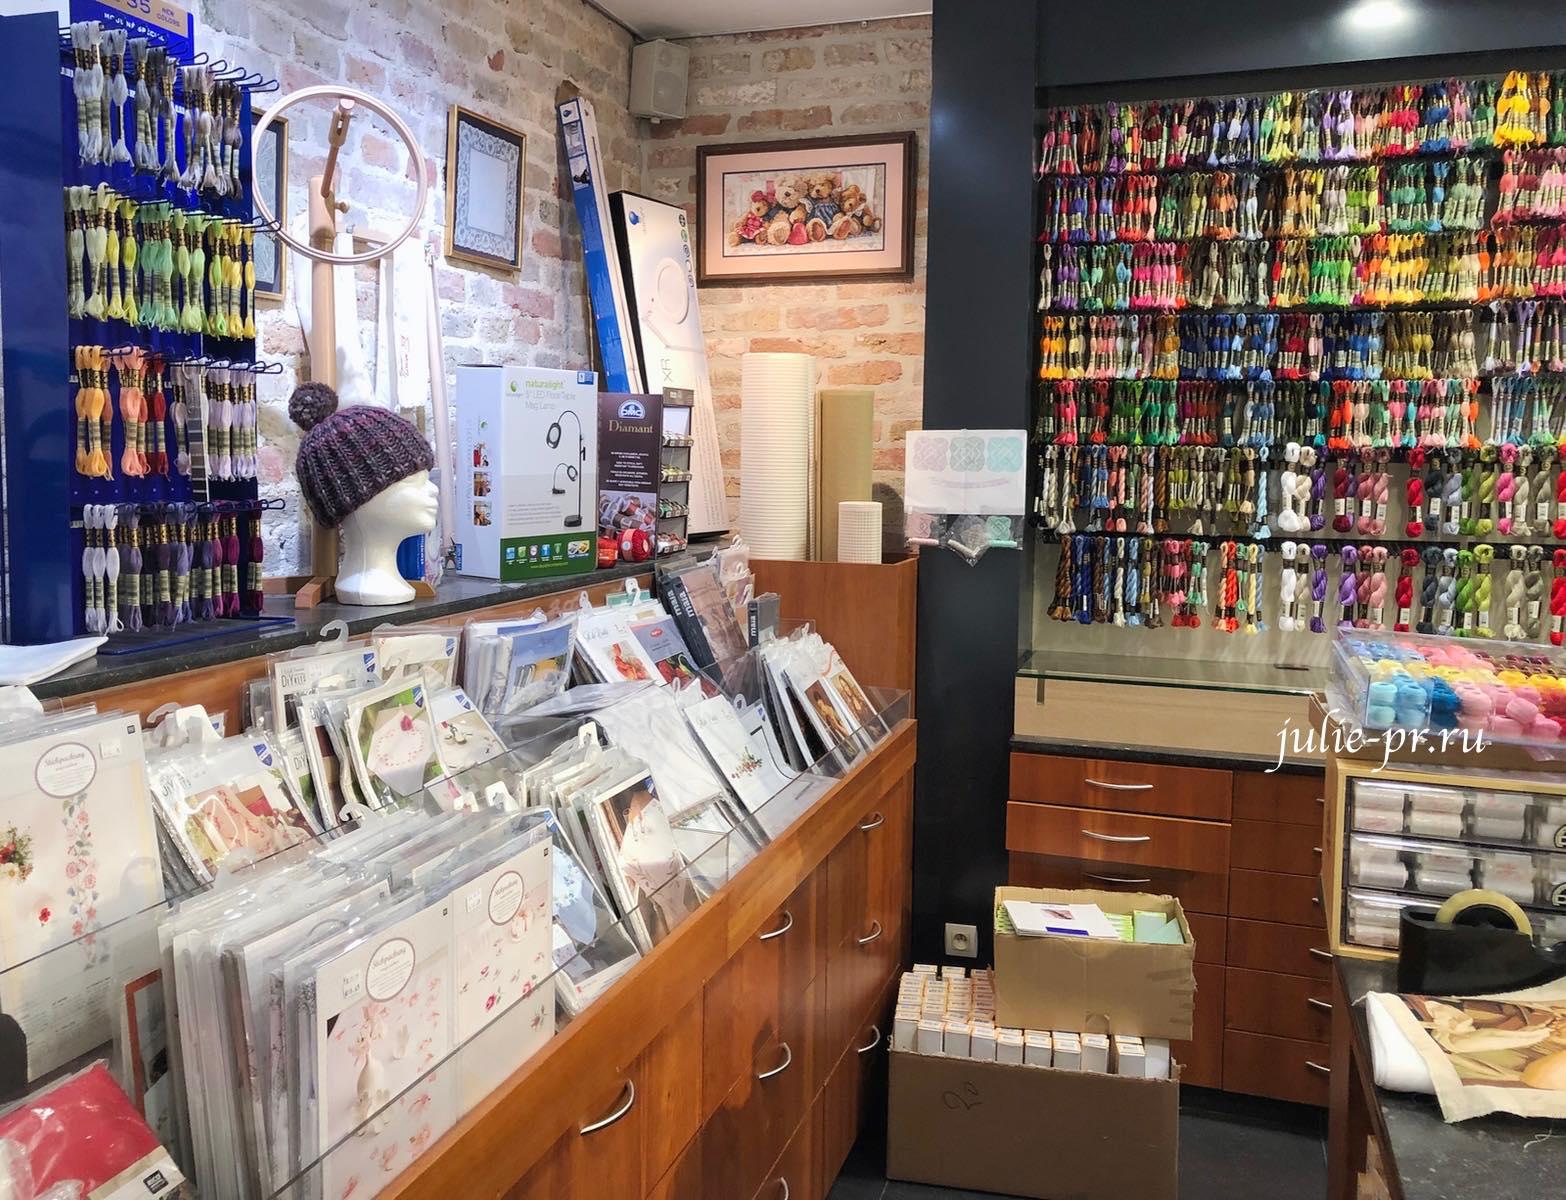 вышивка крестом, рукодельный магазин Scharlaeken, Брюгге